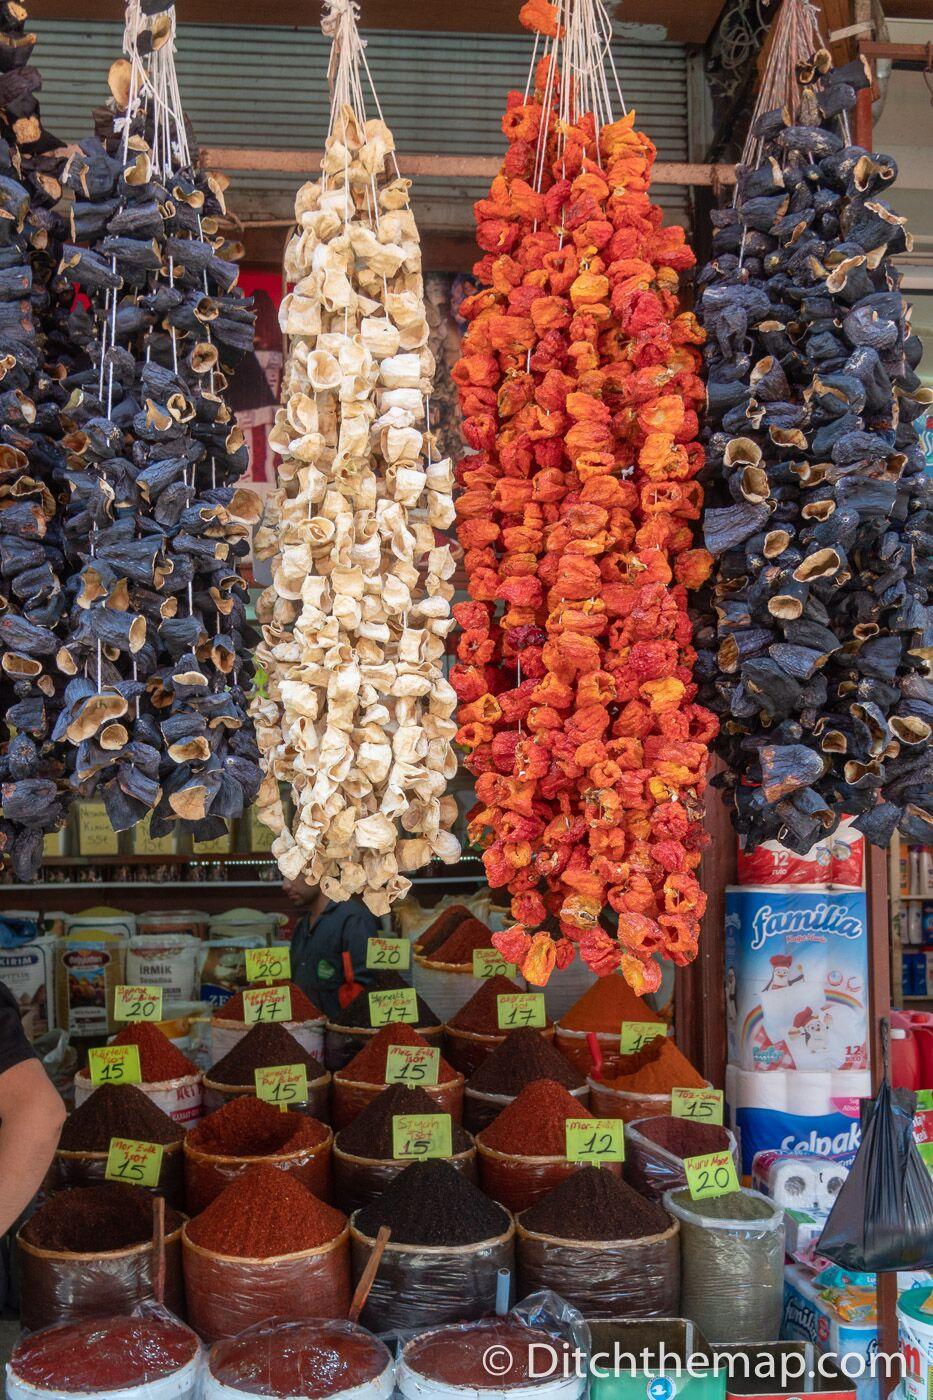 Dried vegetables hanging in the Gumruk Bazaar in Sanliurfa, Turkey